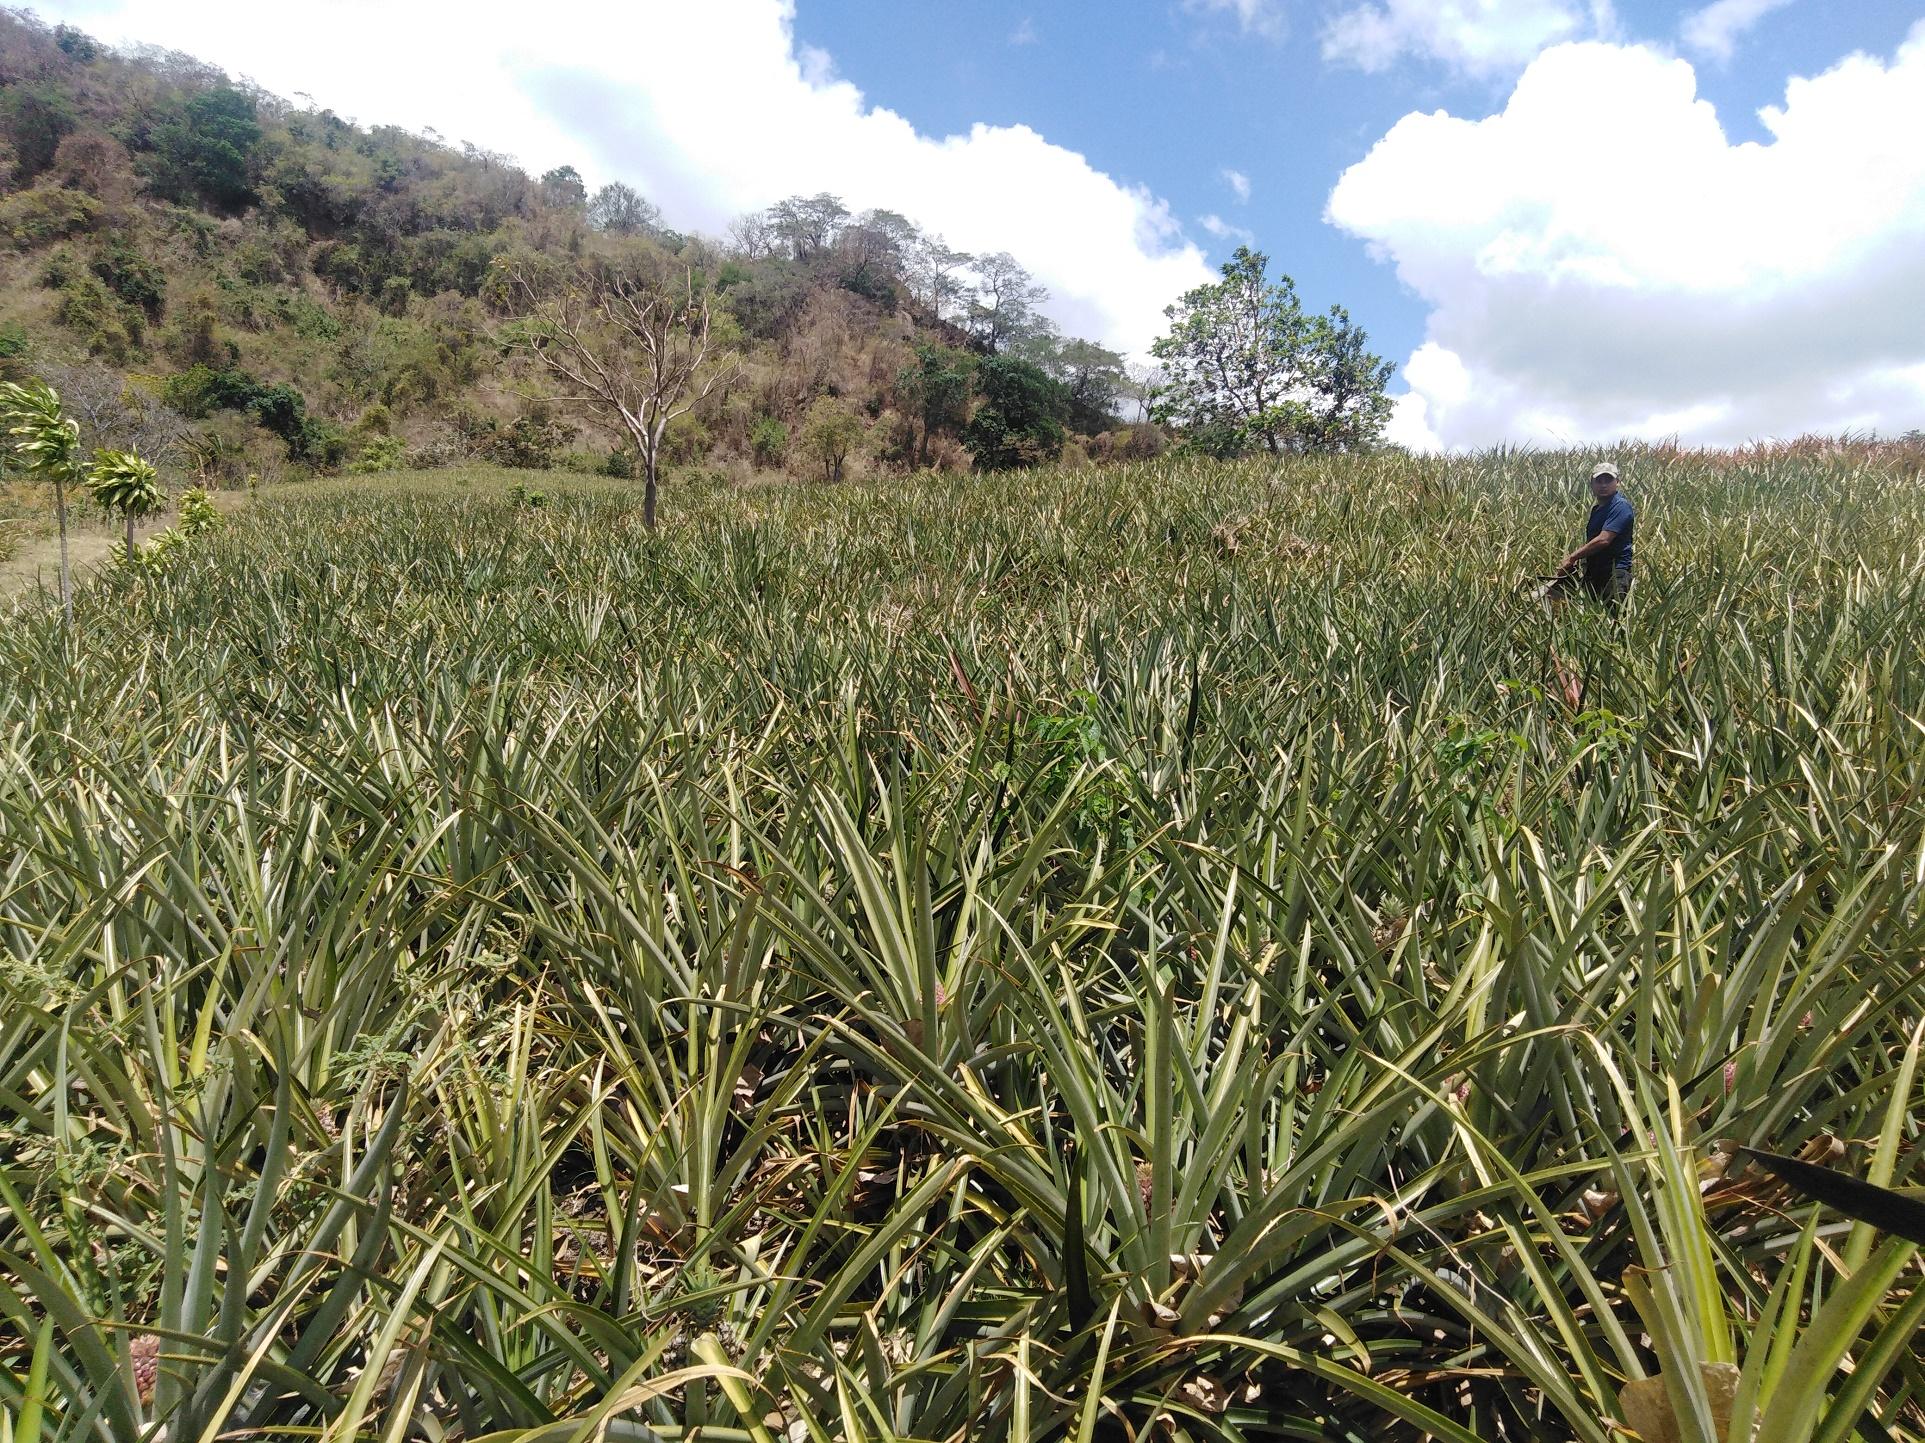 Plantaciones de piña en el área de amortiguamiento de la reserva Chocoyero El Brujo.